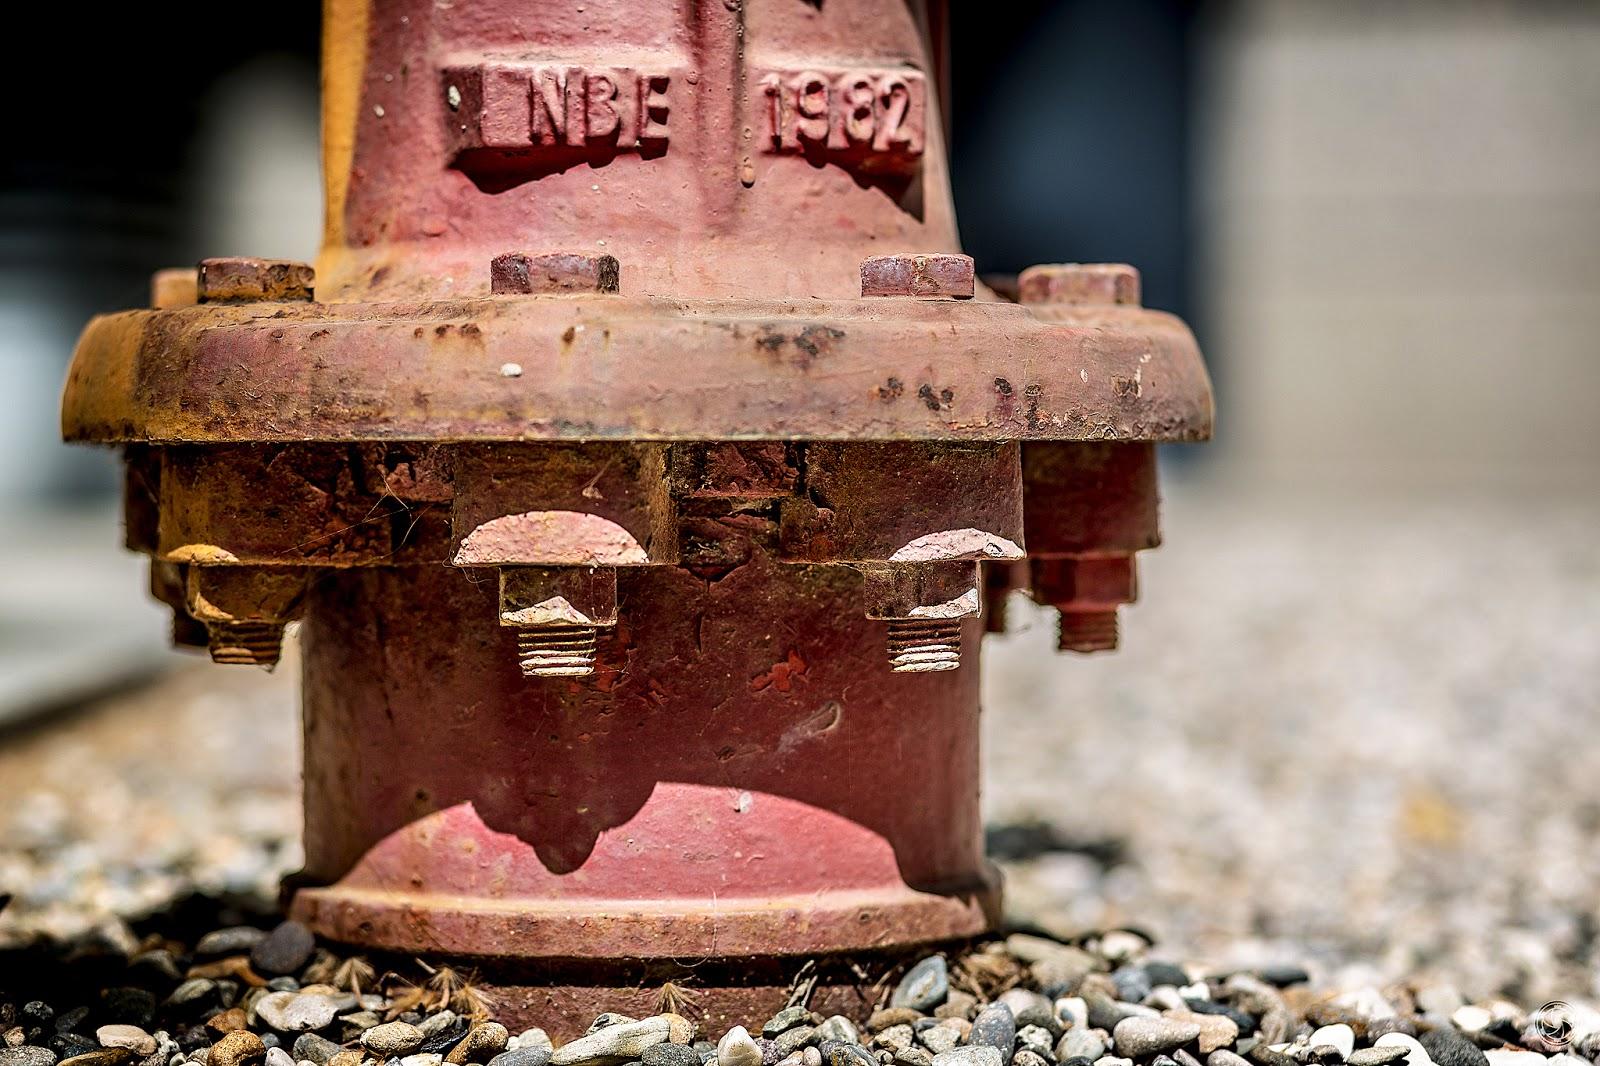 Hidrante :: Canon EOS 5D MkIII | ISO100 | Canon 85mm | f/3.2 | 1/640s